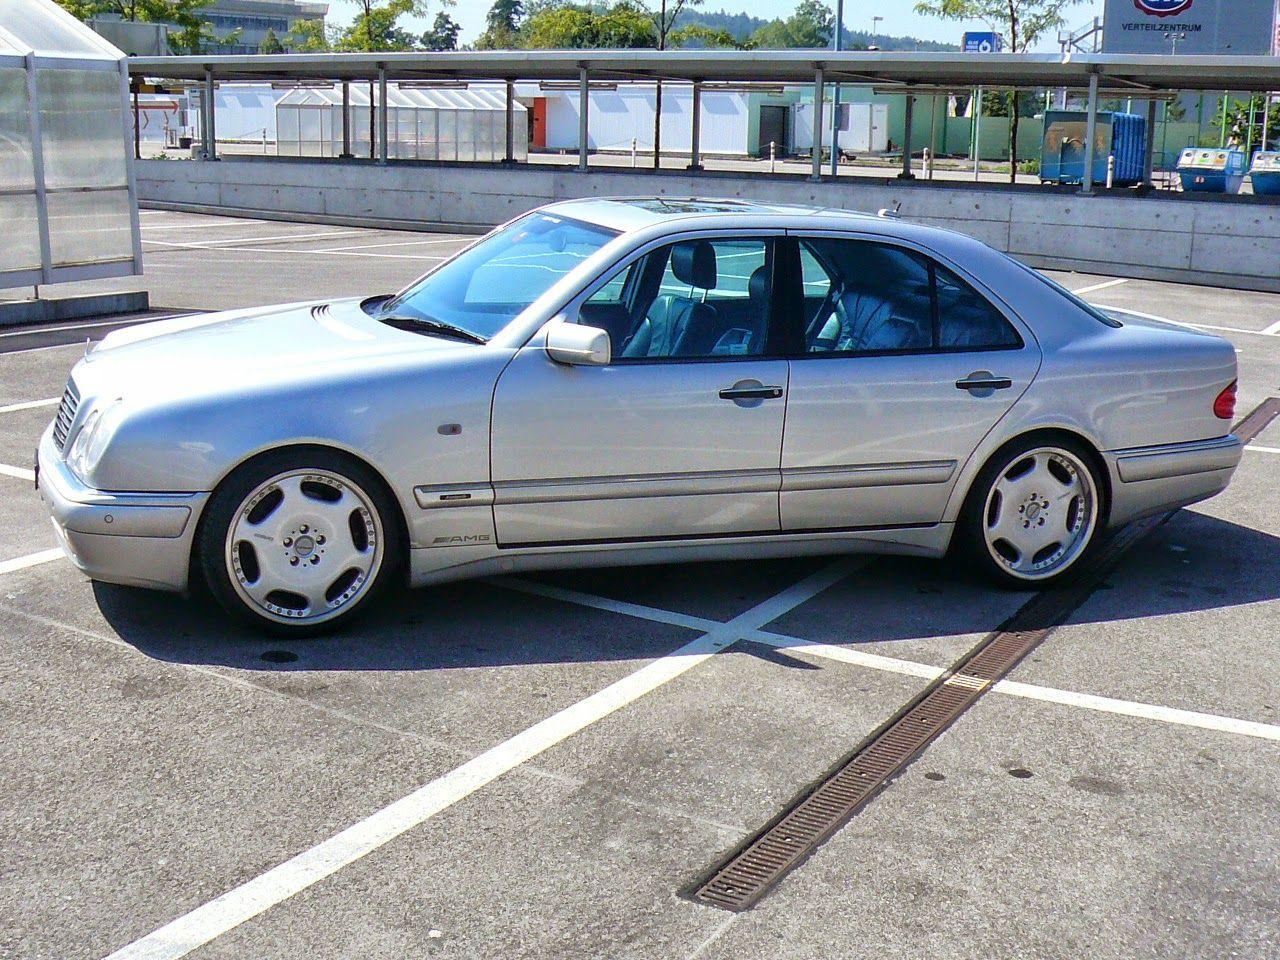 Mercedes w210 tuning 2 tuning cars - W210 Amg